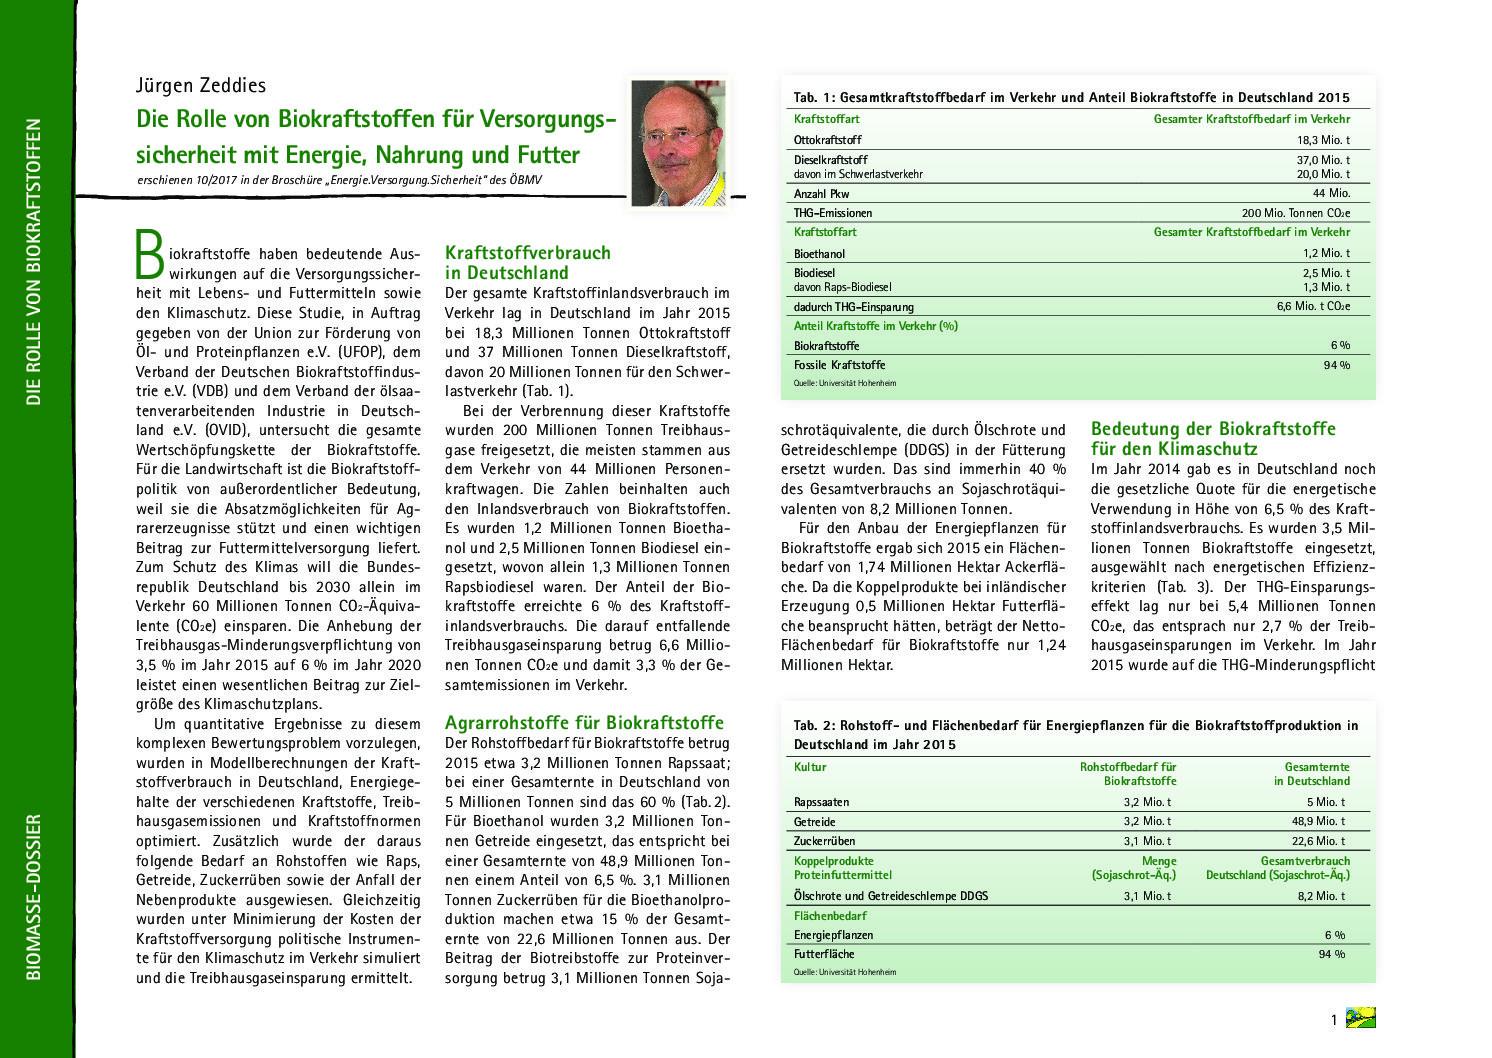 Die Rolle von Biokraftstoffen für Versorgungssicherheit mit Energie, Nahrung und Futter